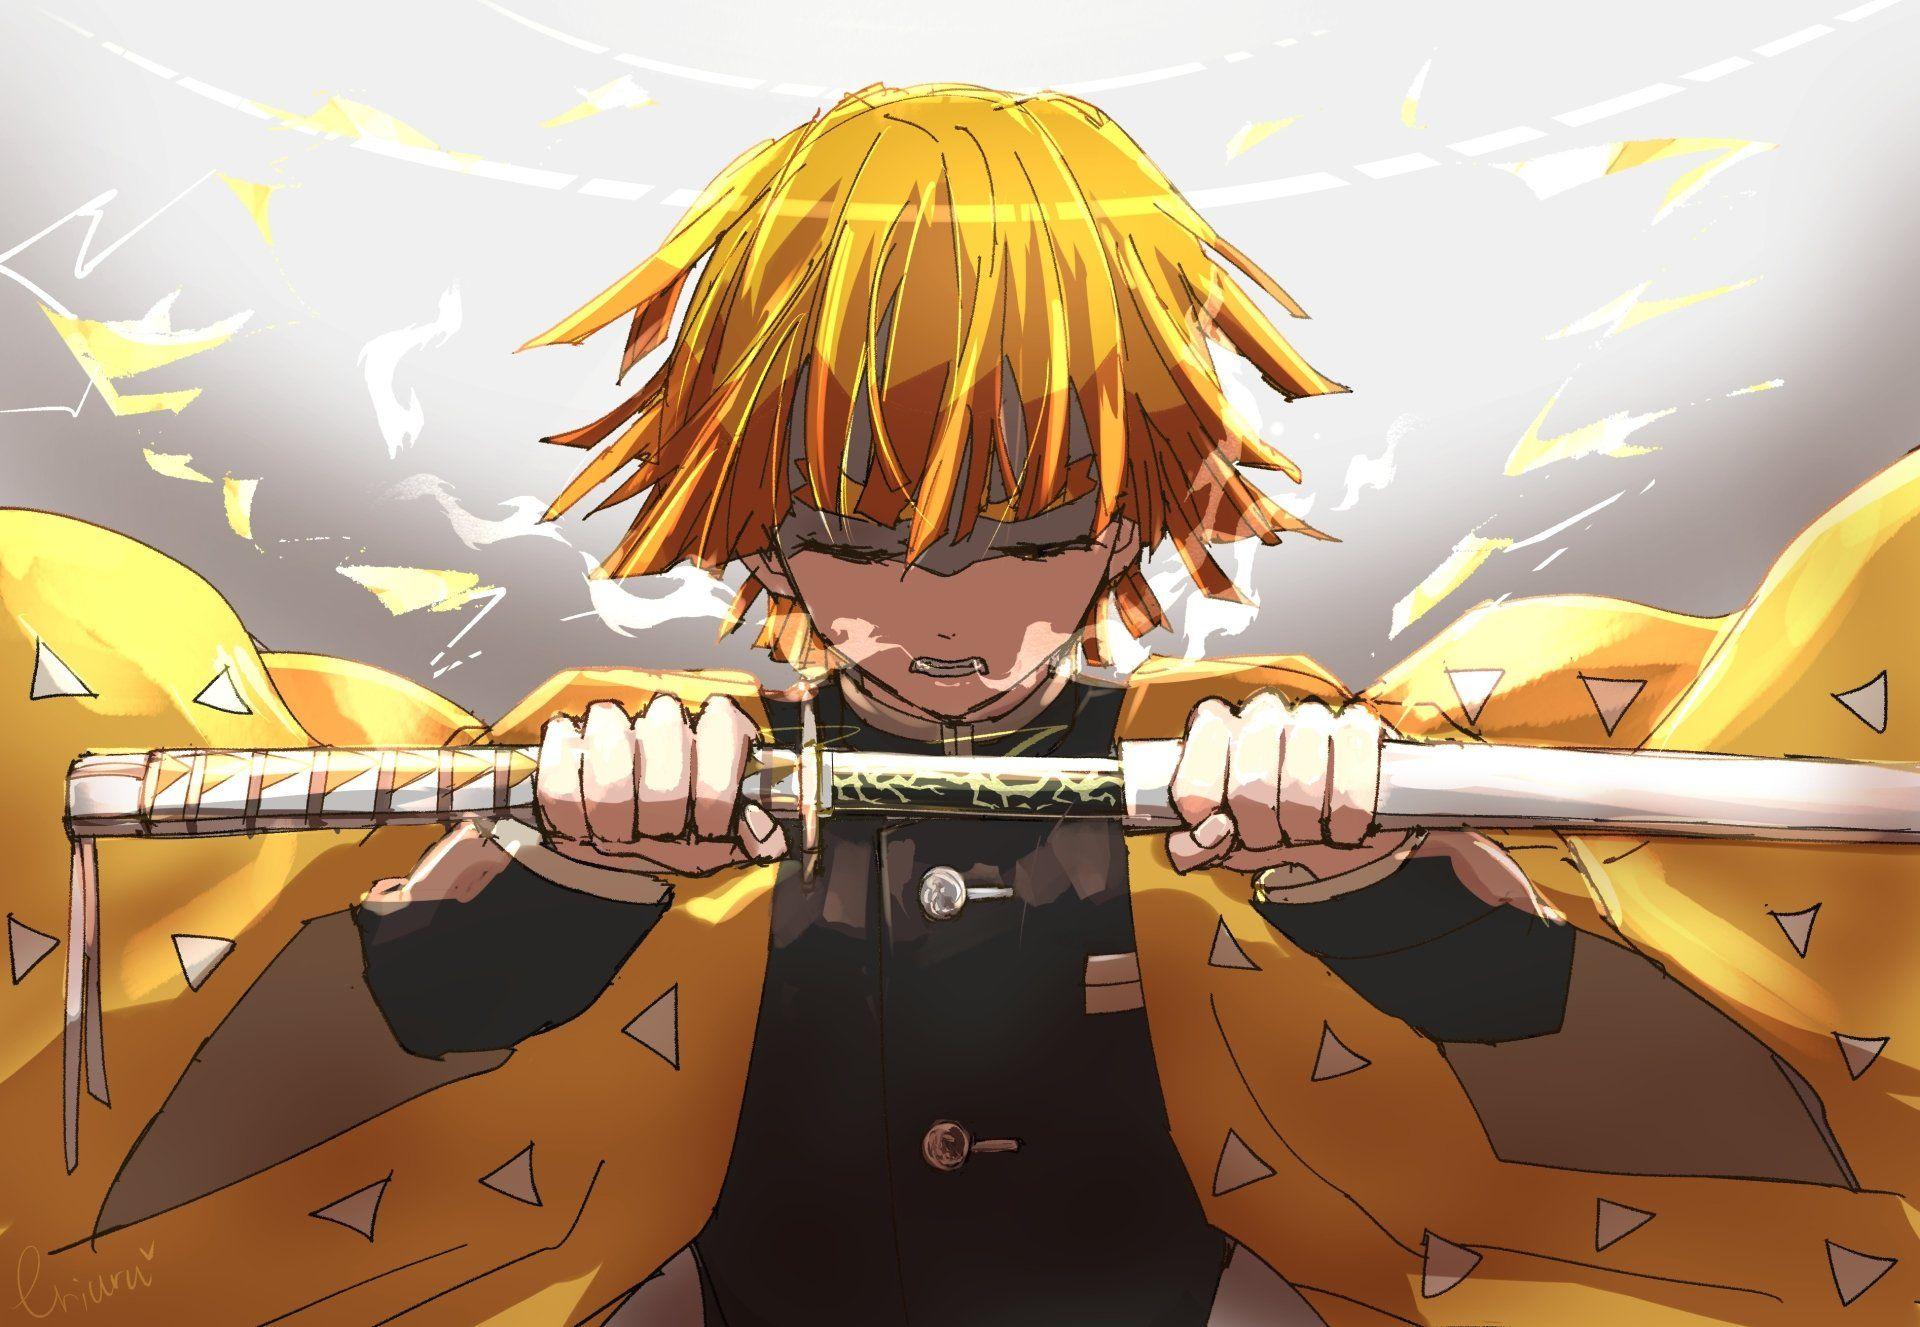 Zenitsu imagens) Animes wallpapers, Personagens de